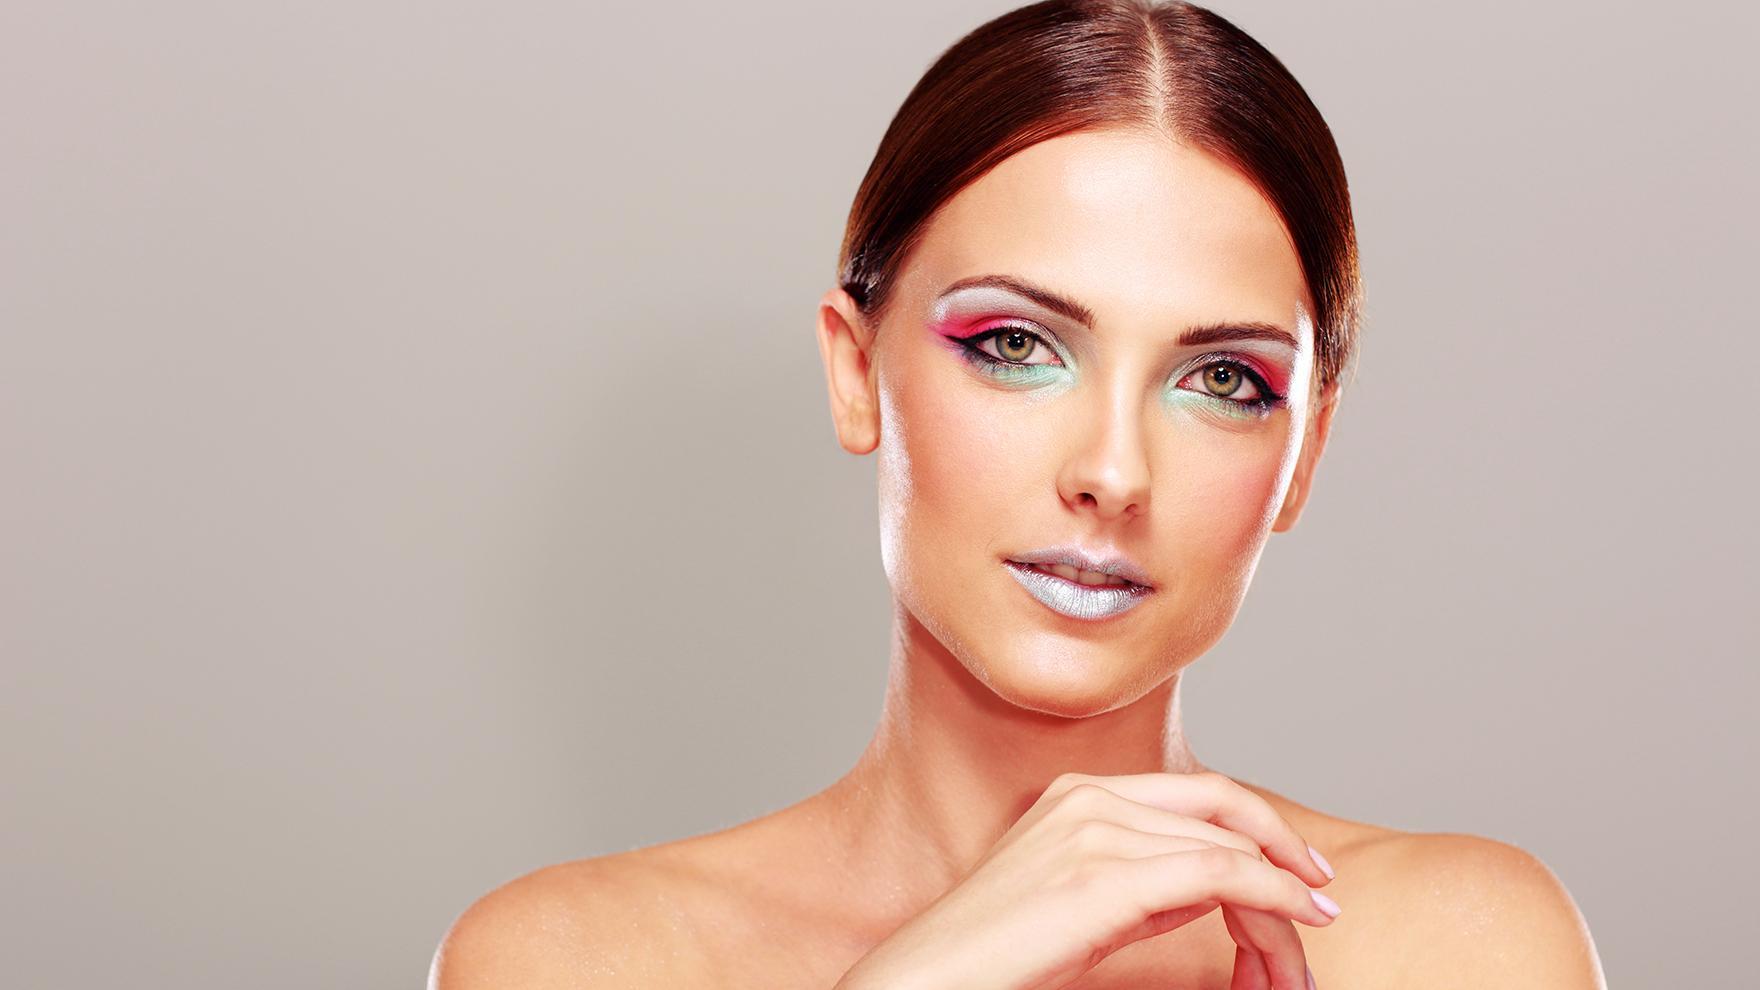 化妆棉怎样选择才能把护肤发挥极致